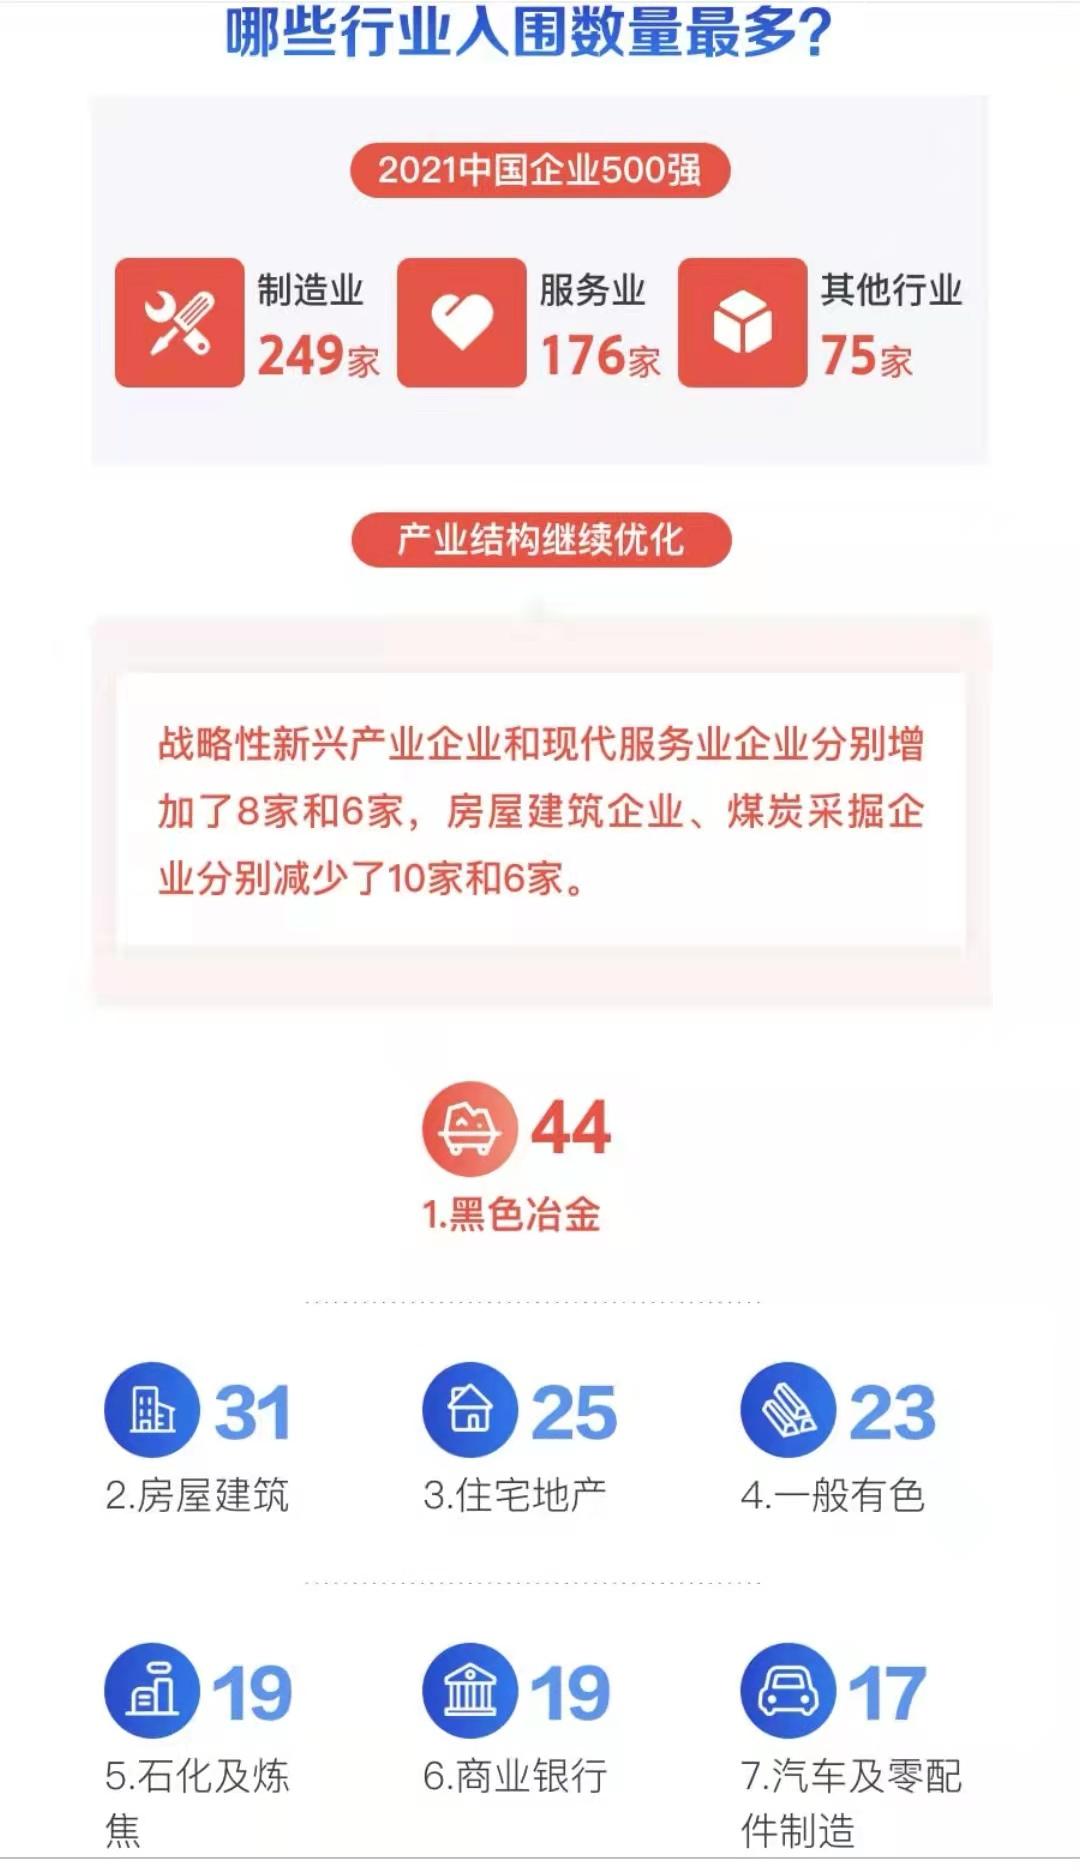 中国企业500强:营收超千亿元企业达222家,8家企业超万亿元